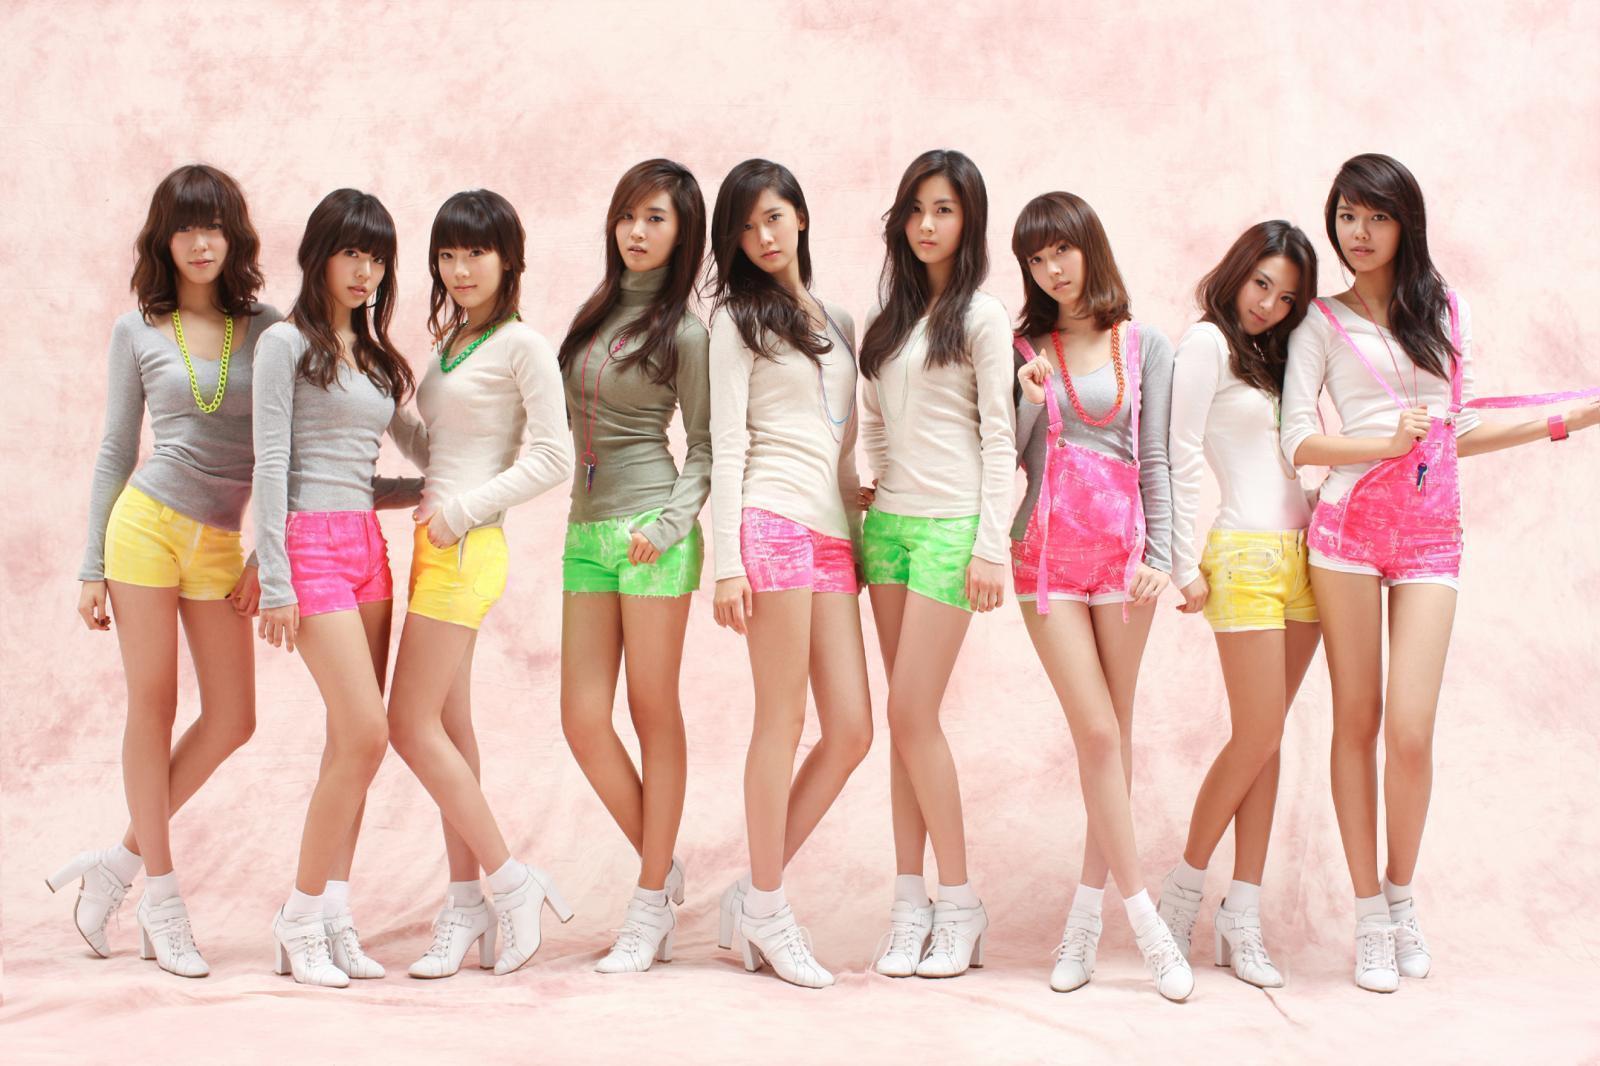 AKB48 updates